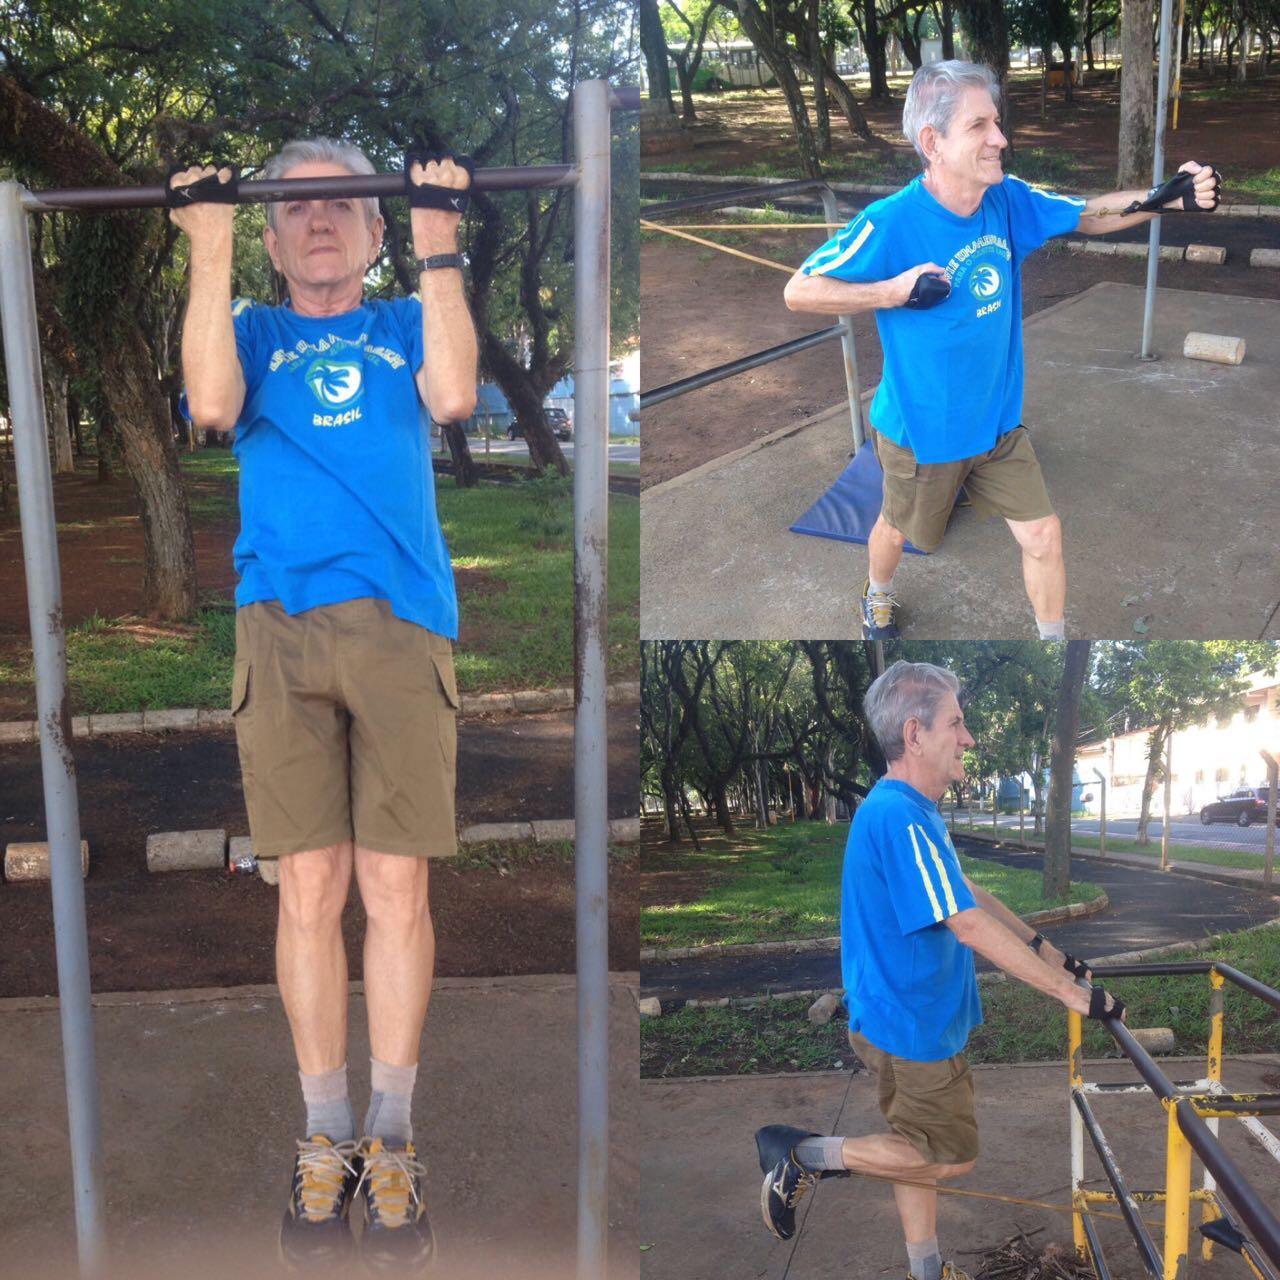 idoso com resultados práticos da atividade física regular.